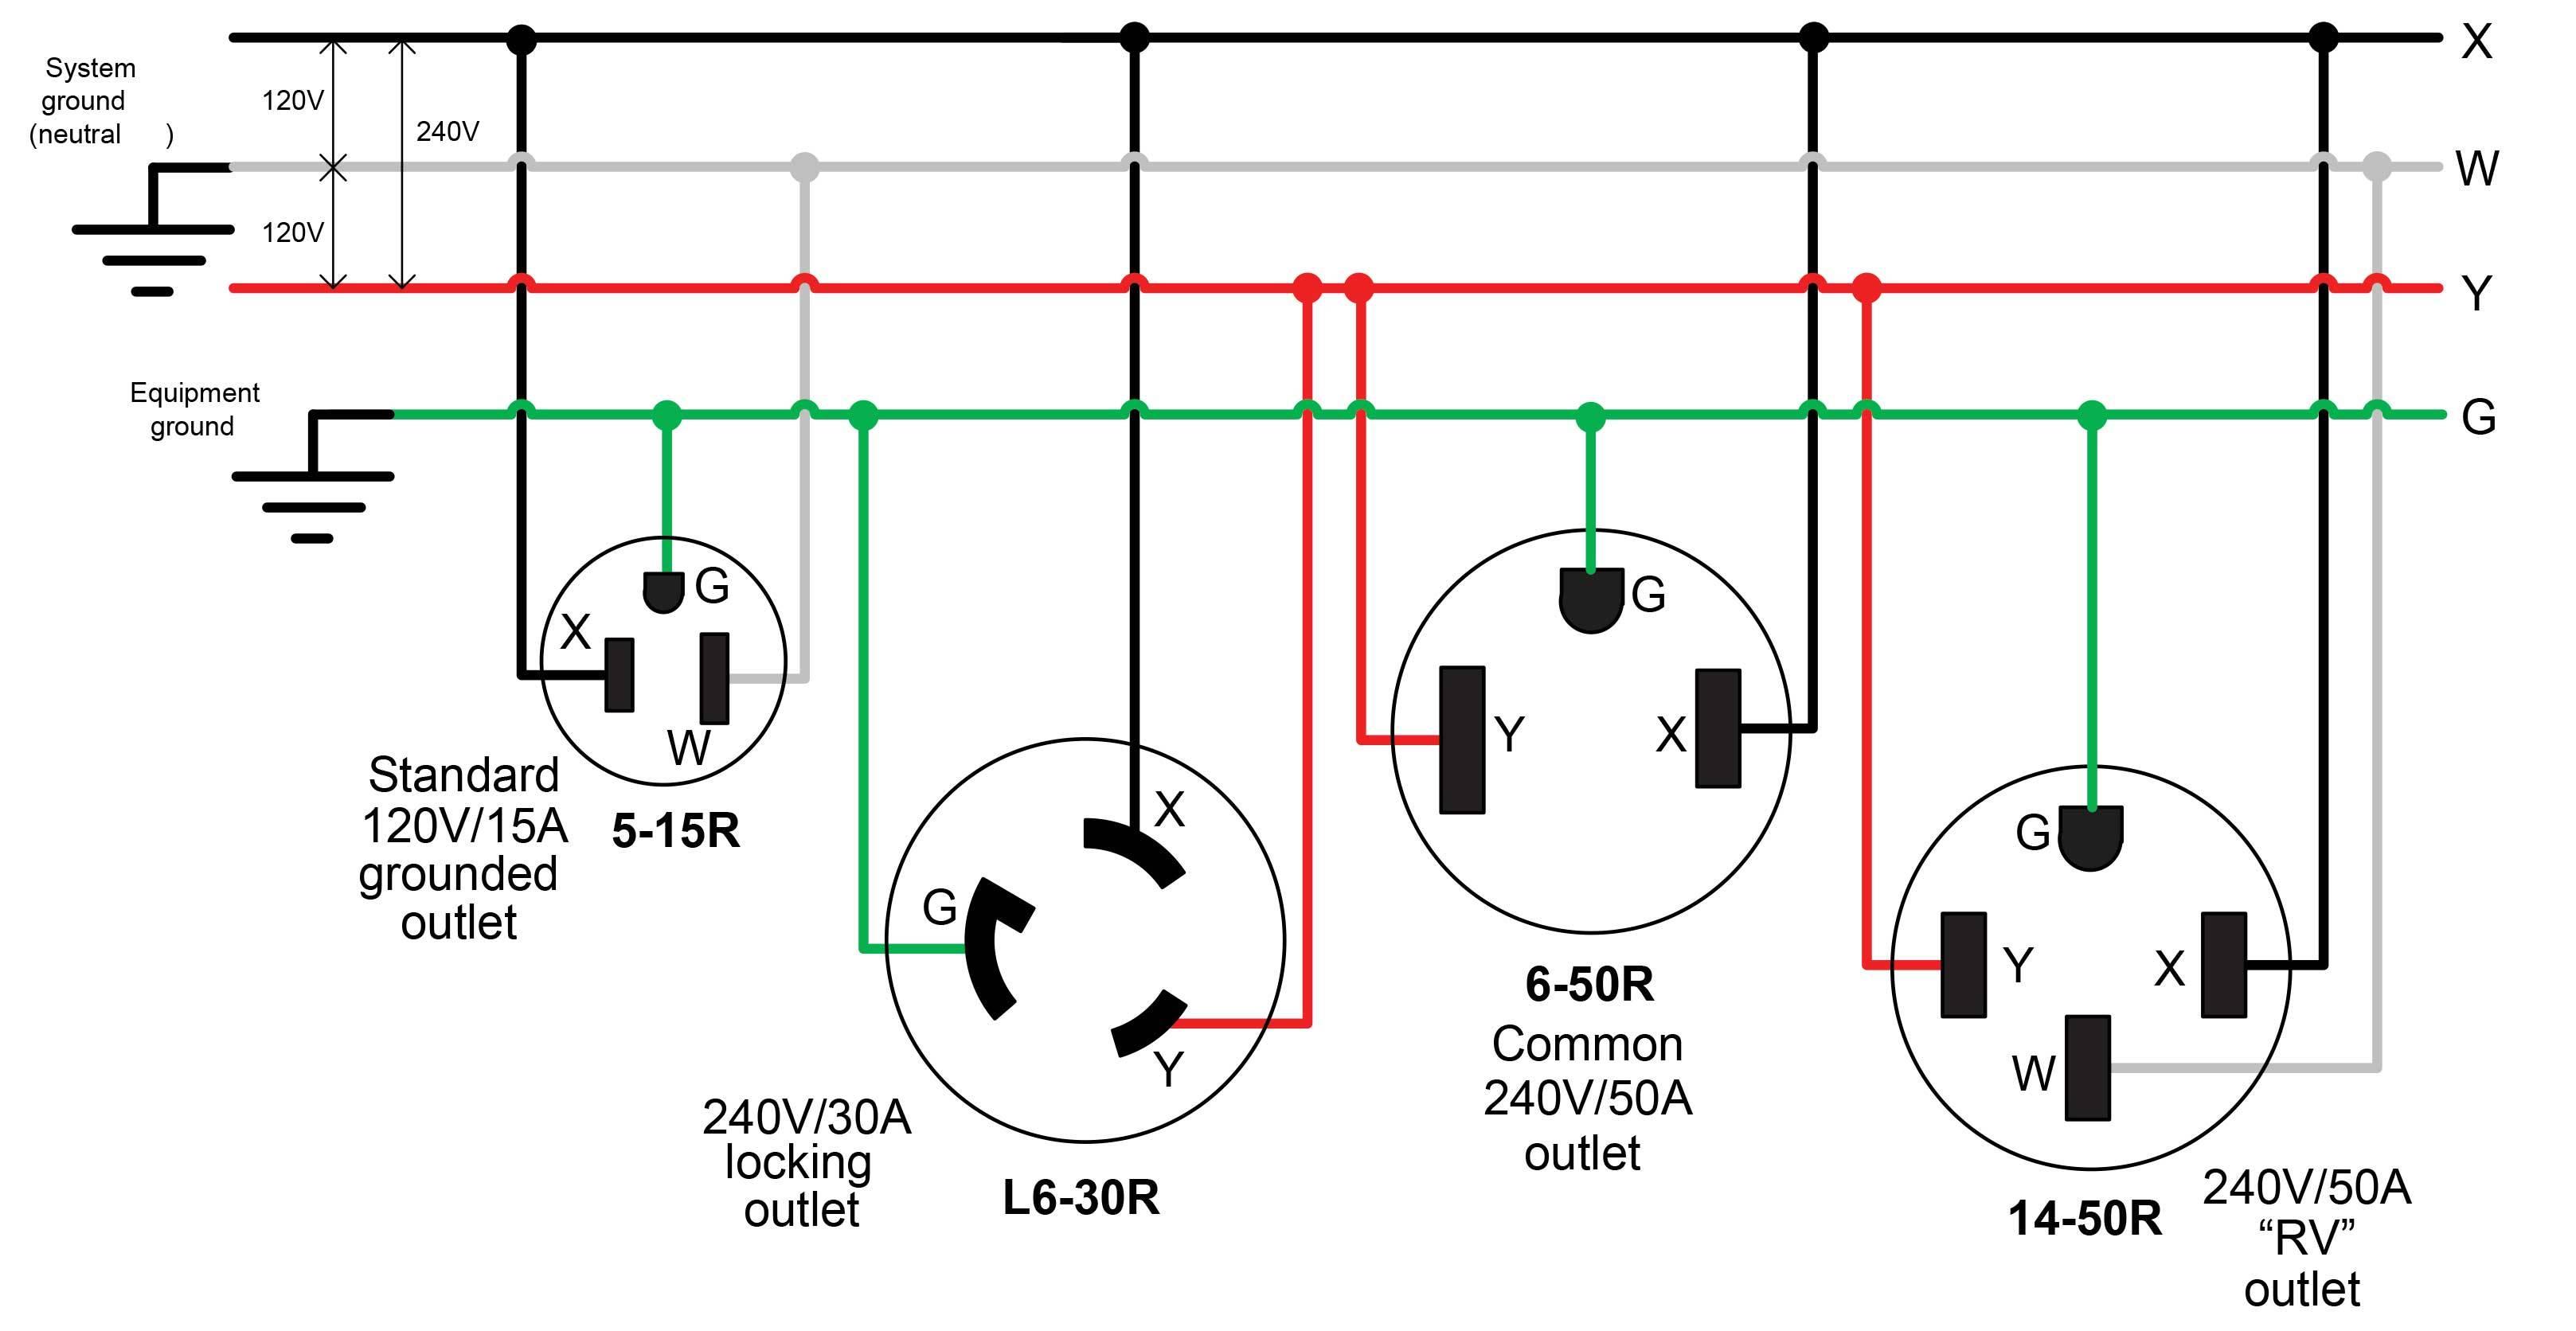 20A 250V Plug Wiring Diagram   Manual E-Books - 20A 250V Plug Wiring Diagram